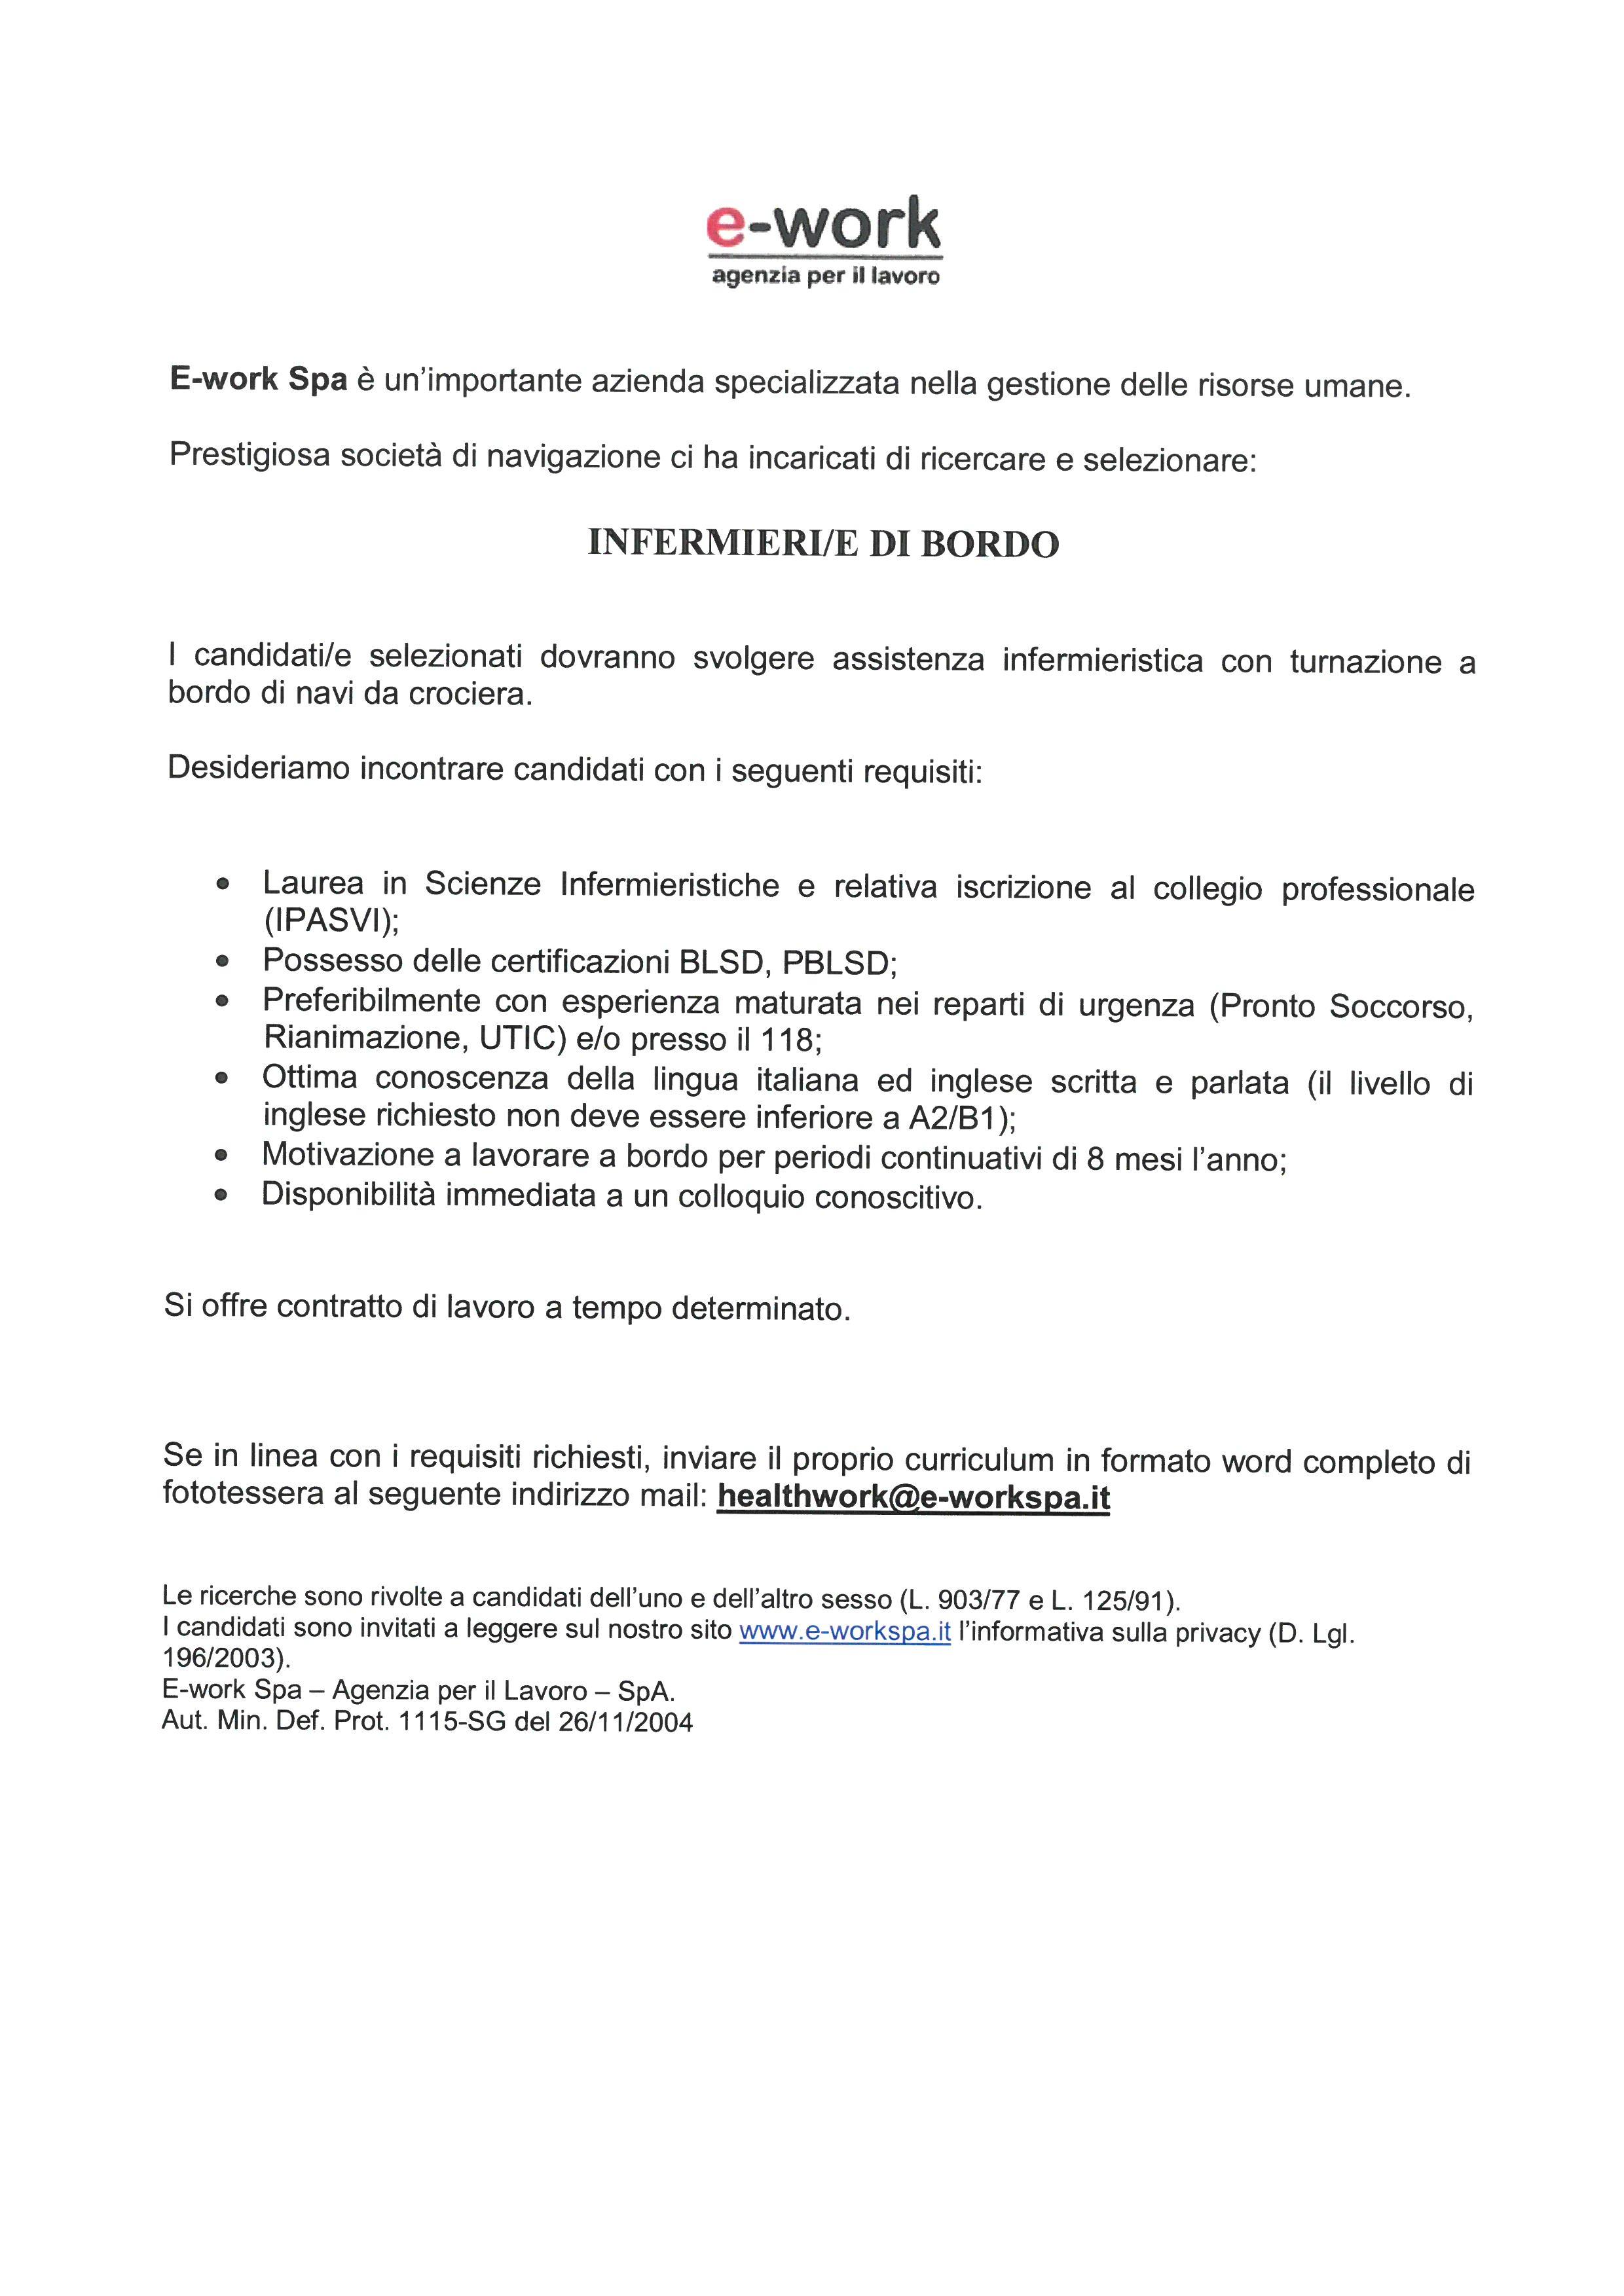 E Work Spa Ricerca Infermieri E Di Bordo OPI Pordenone